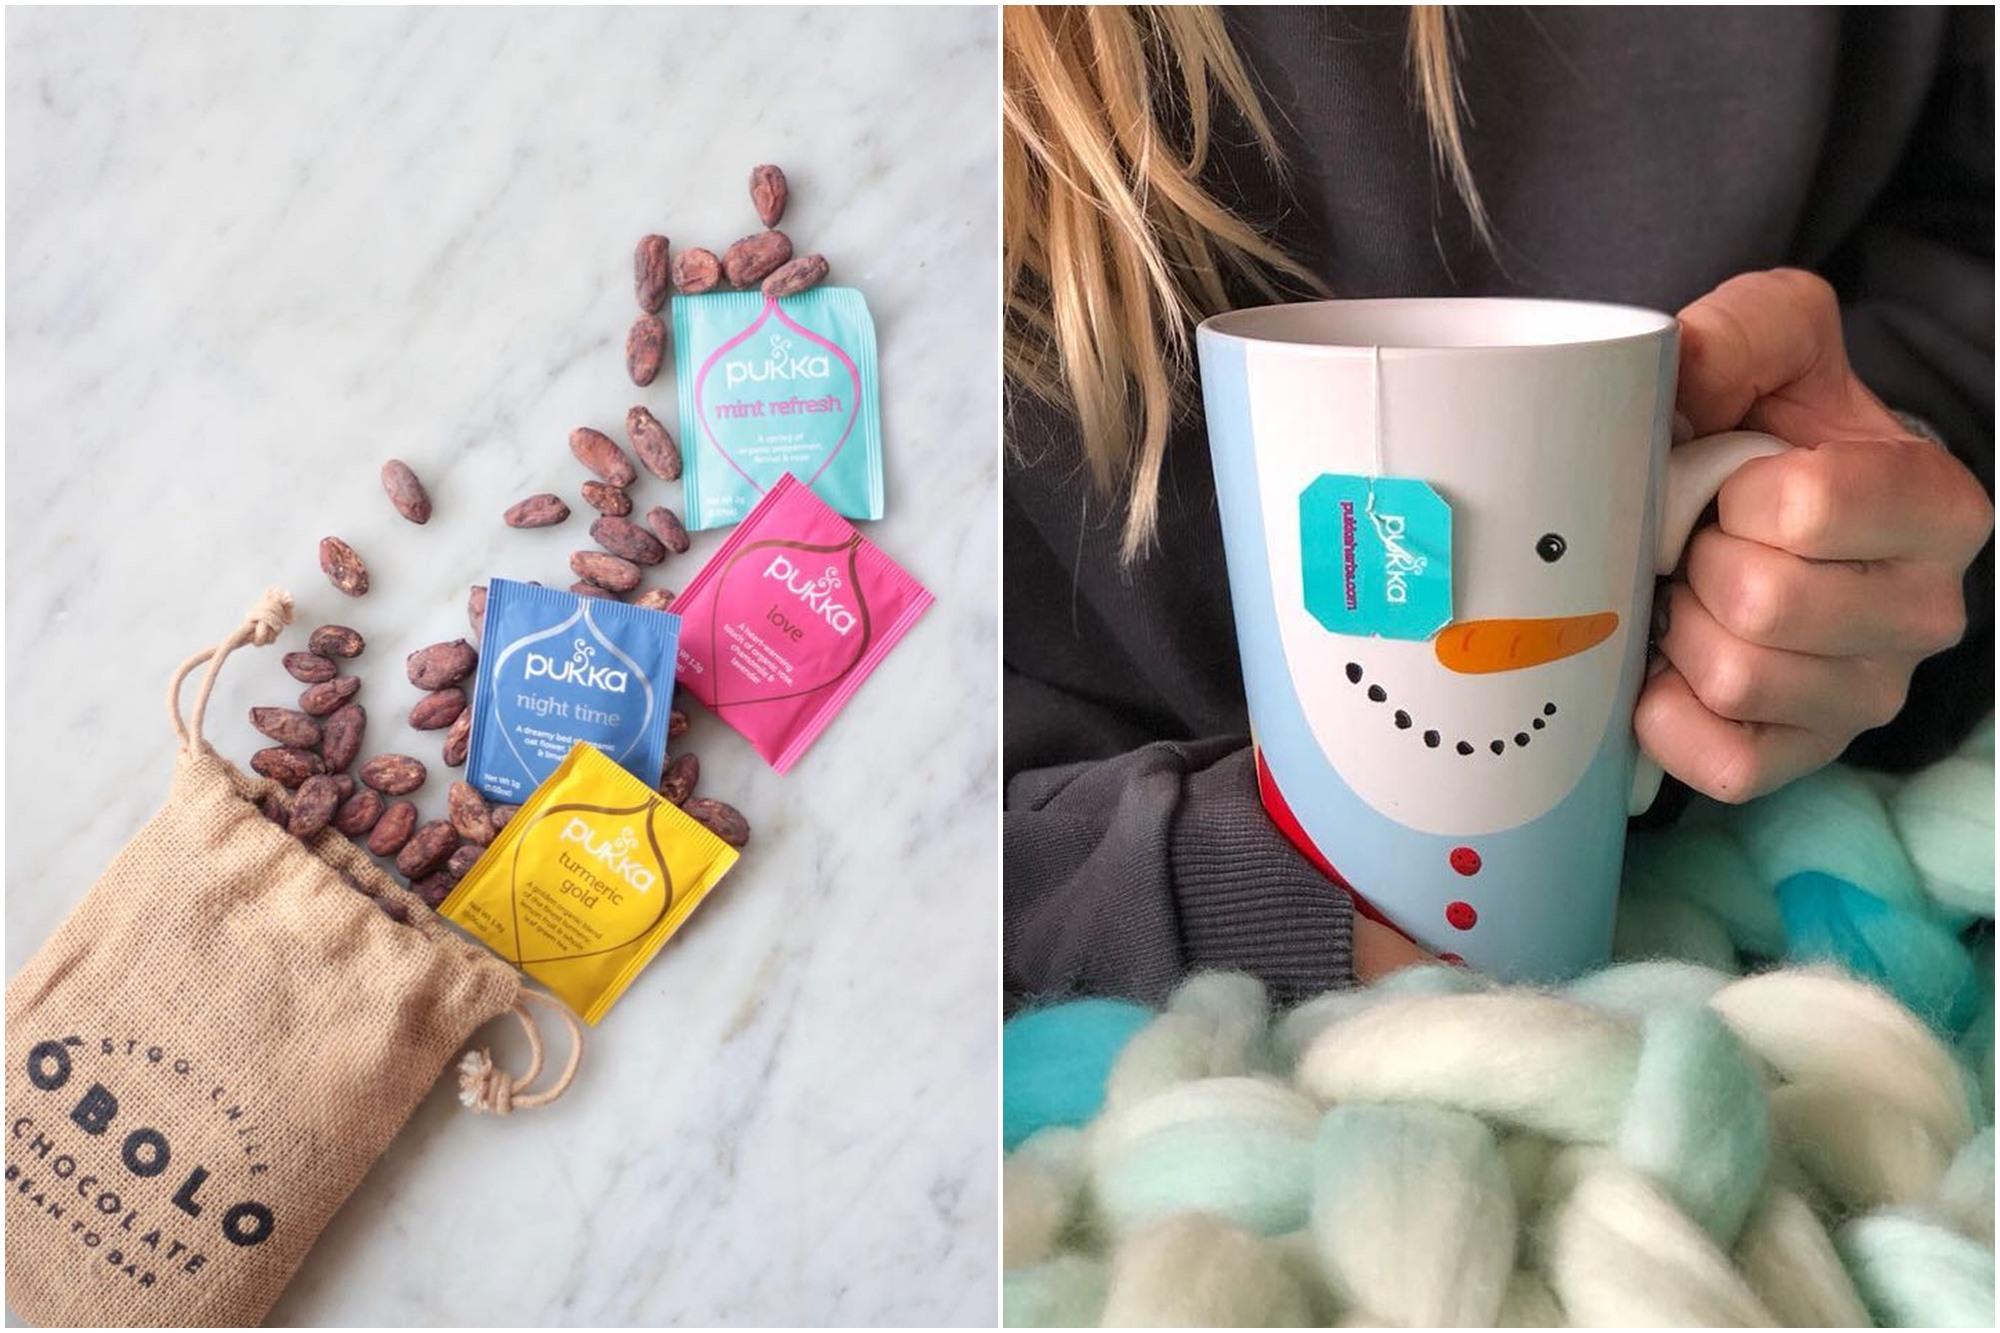 Ya no solo las tazas, también el envoltorio de las infusiones tiene un diseño incluso temático. Foto: Facebook Pukka.